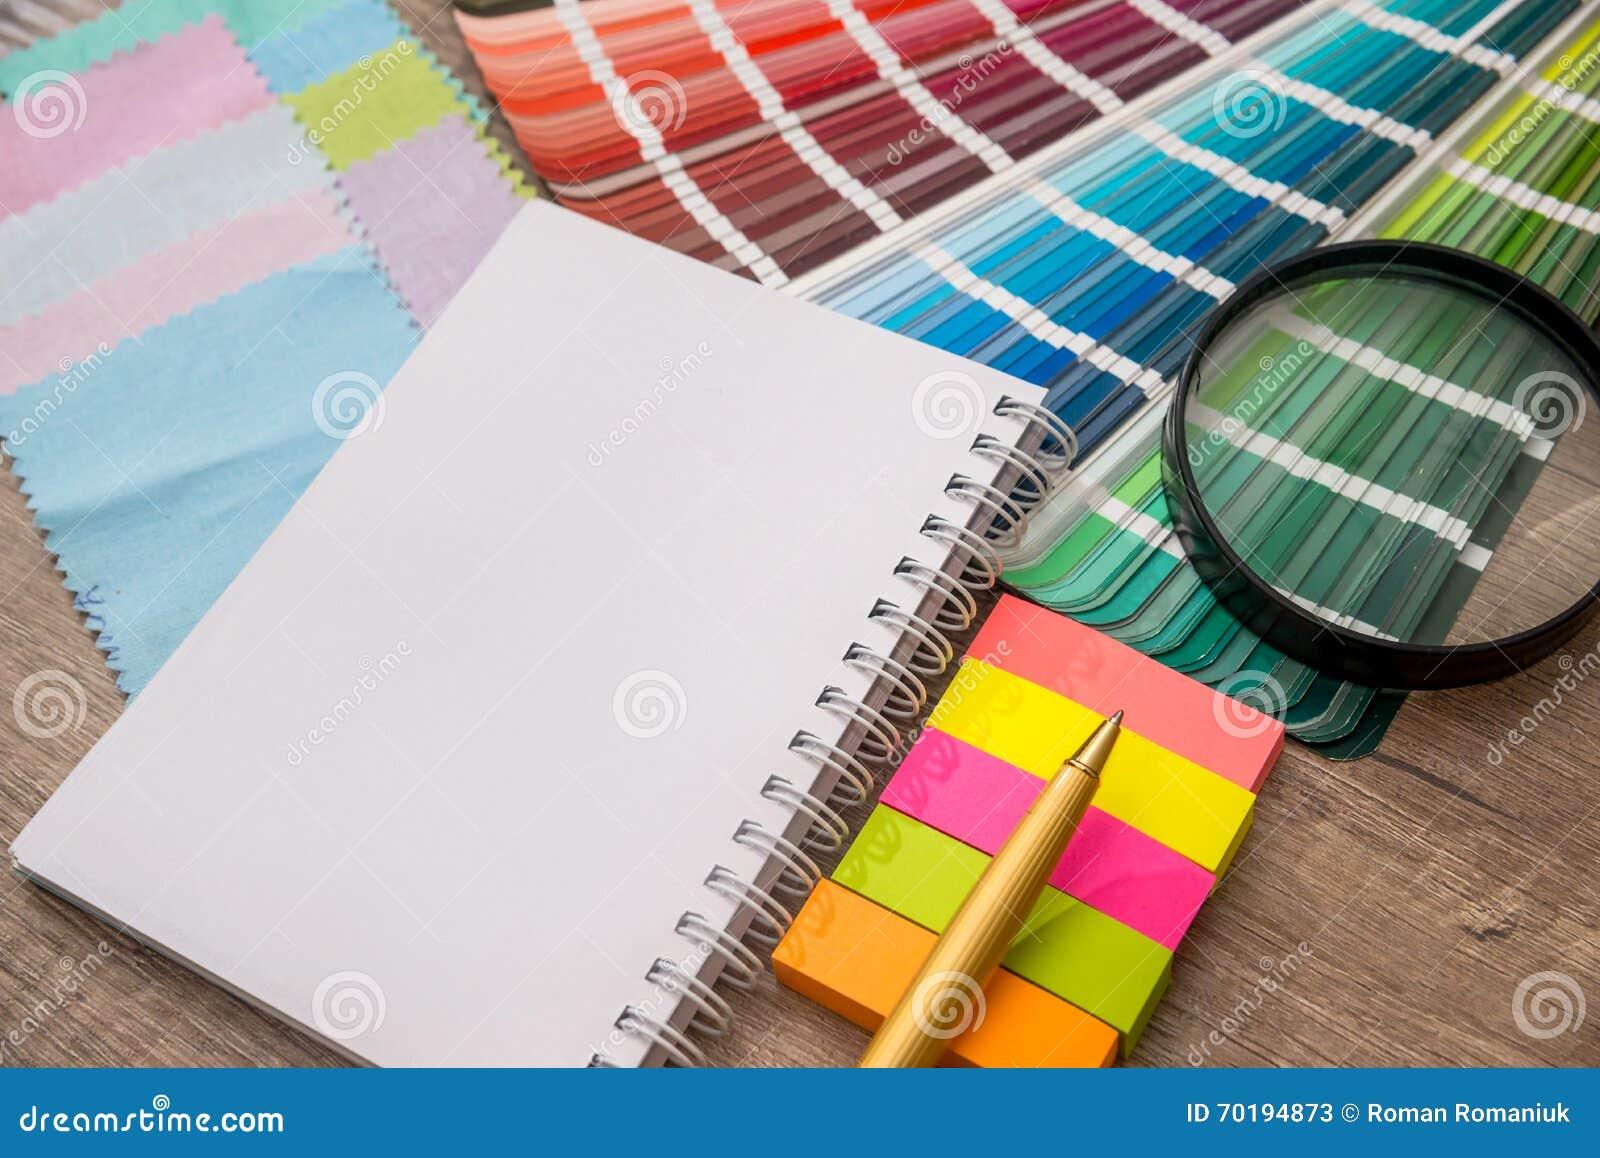 Magnífico Libro De Muestras De Color Inspiración - Enmarcado Para ...